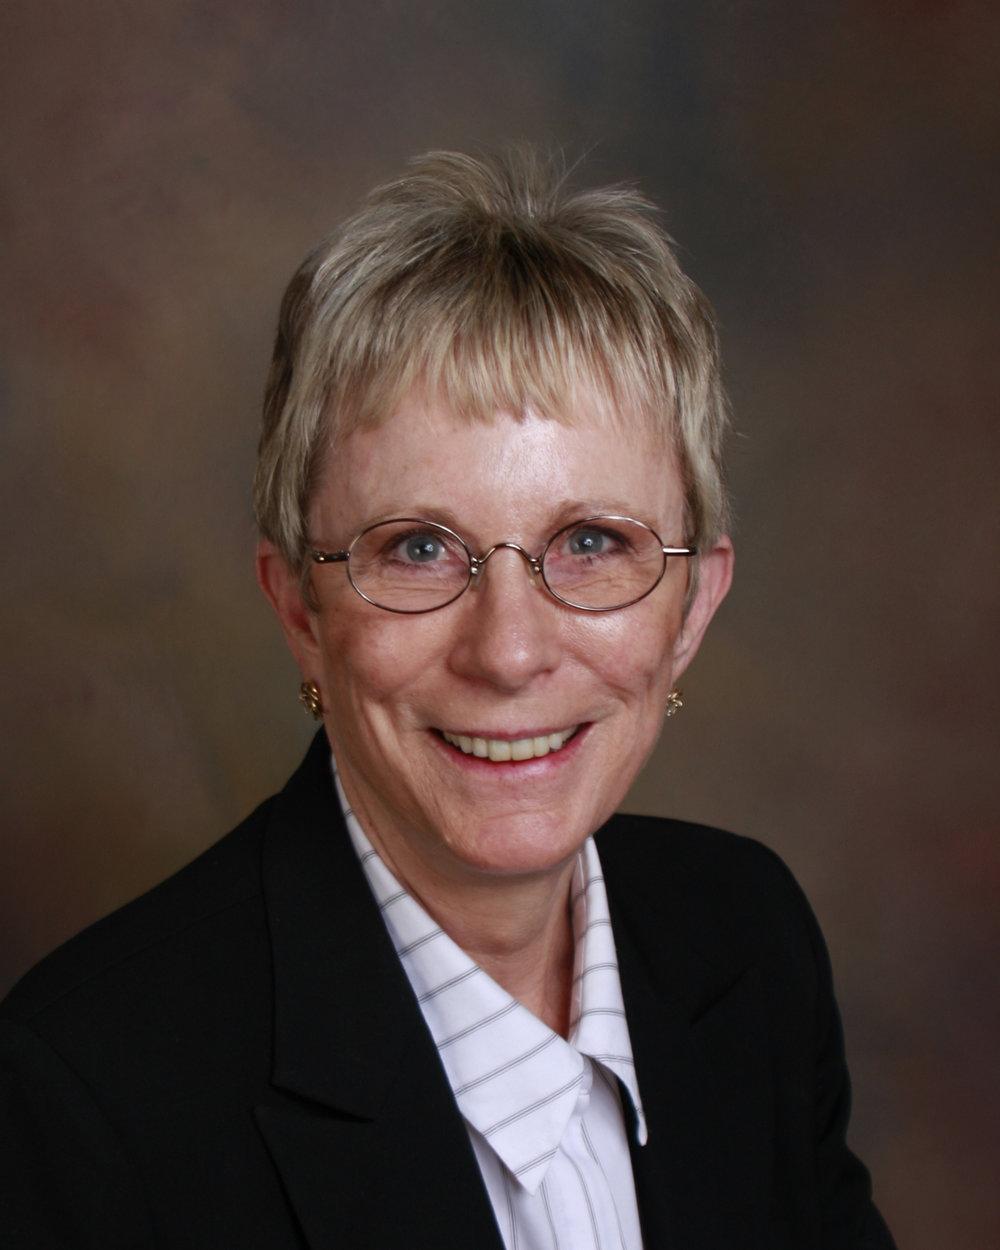 Linda Lamone, Maryland